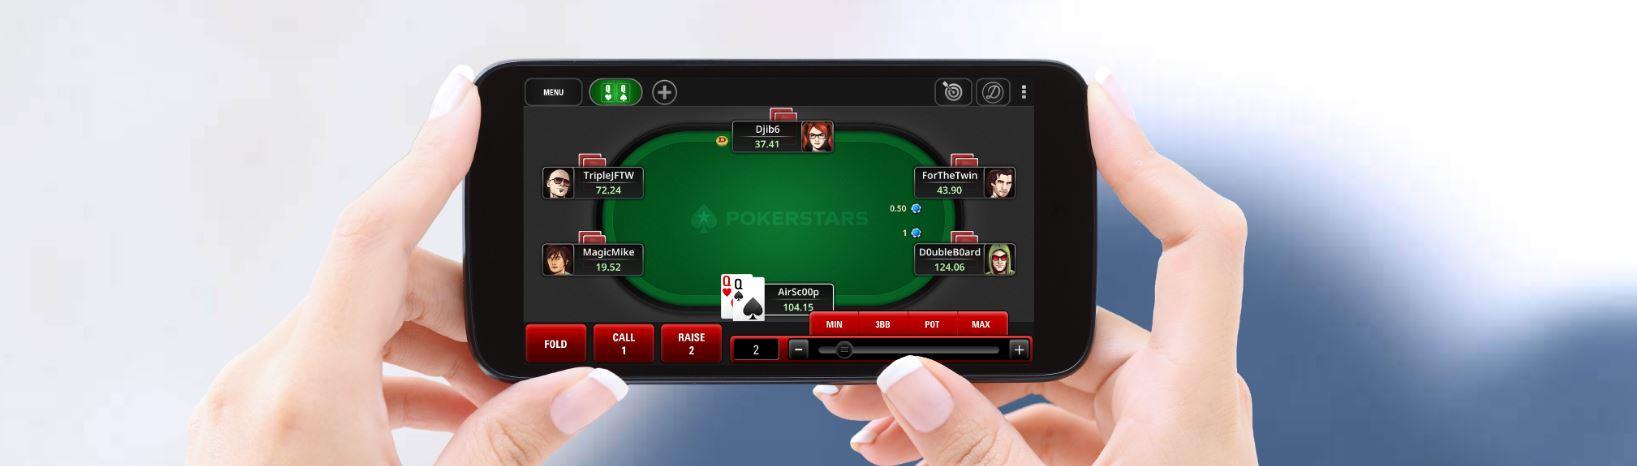 En los juegos de casinos, los de cartas son de los más jugadas.